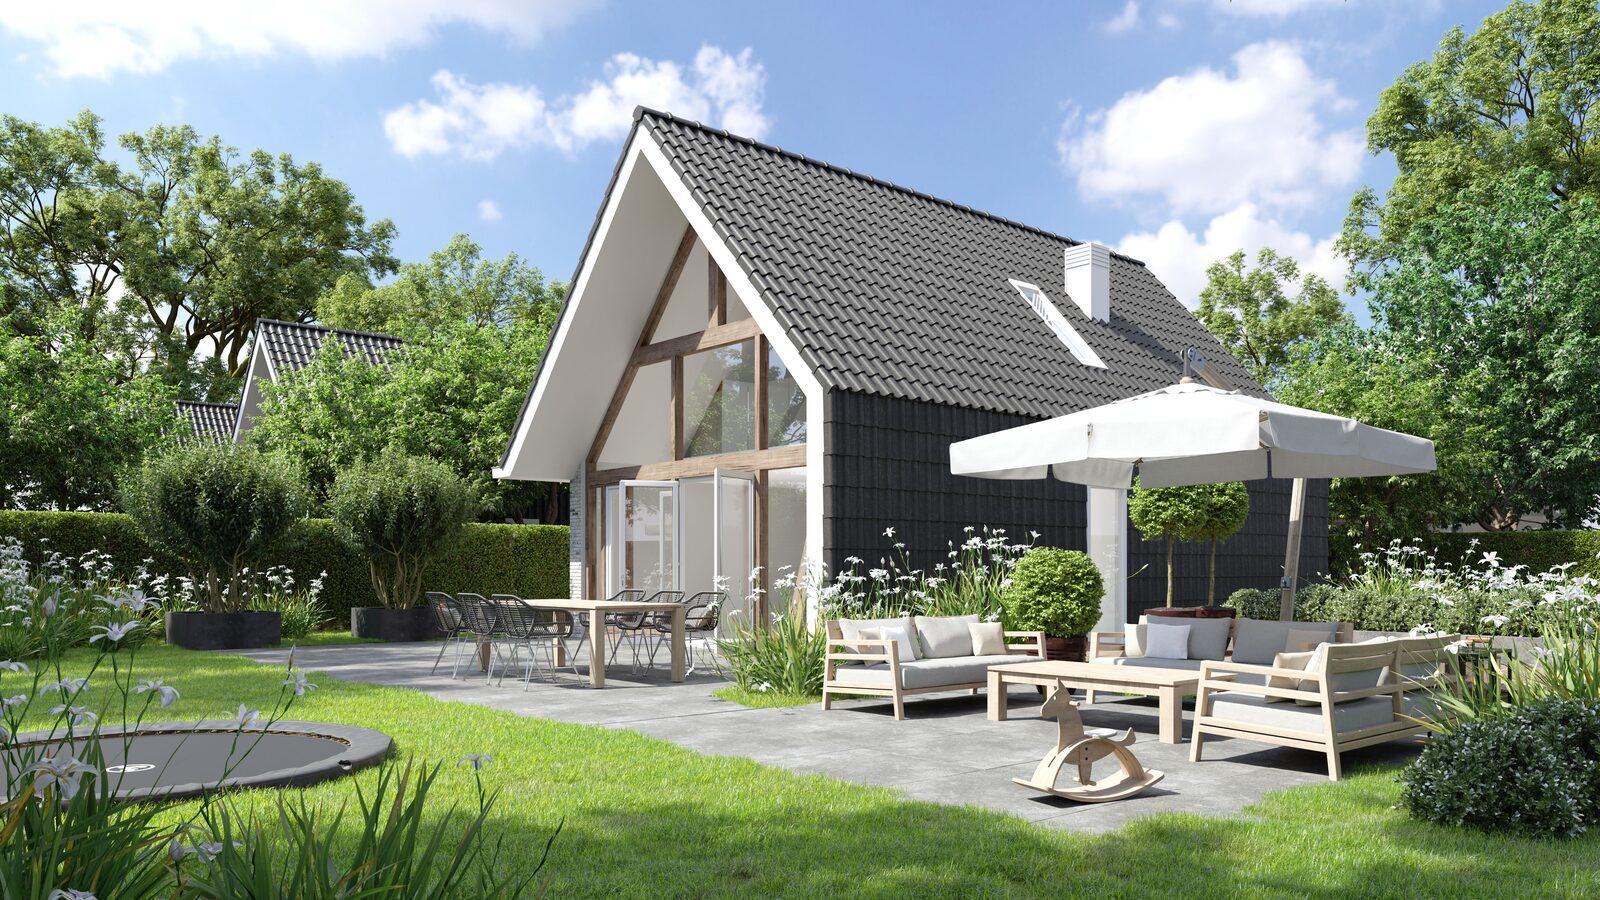 Villa Kunderberg - 6 people